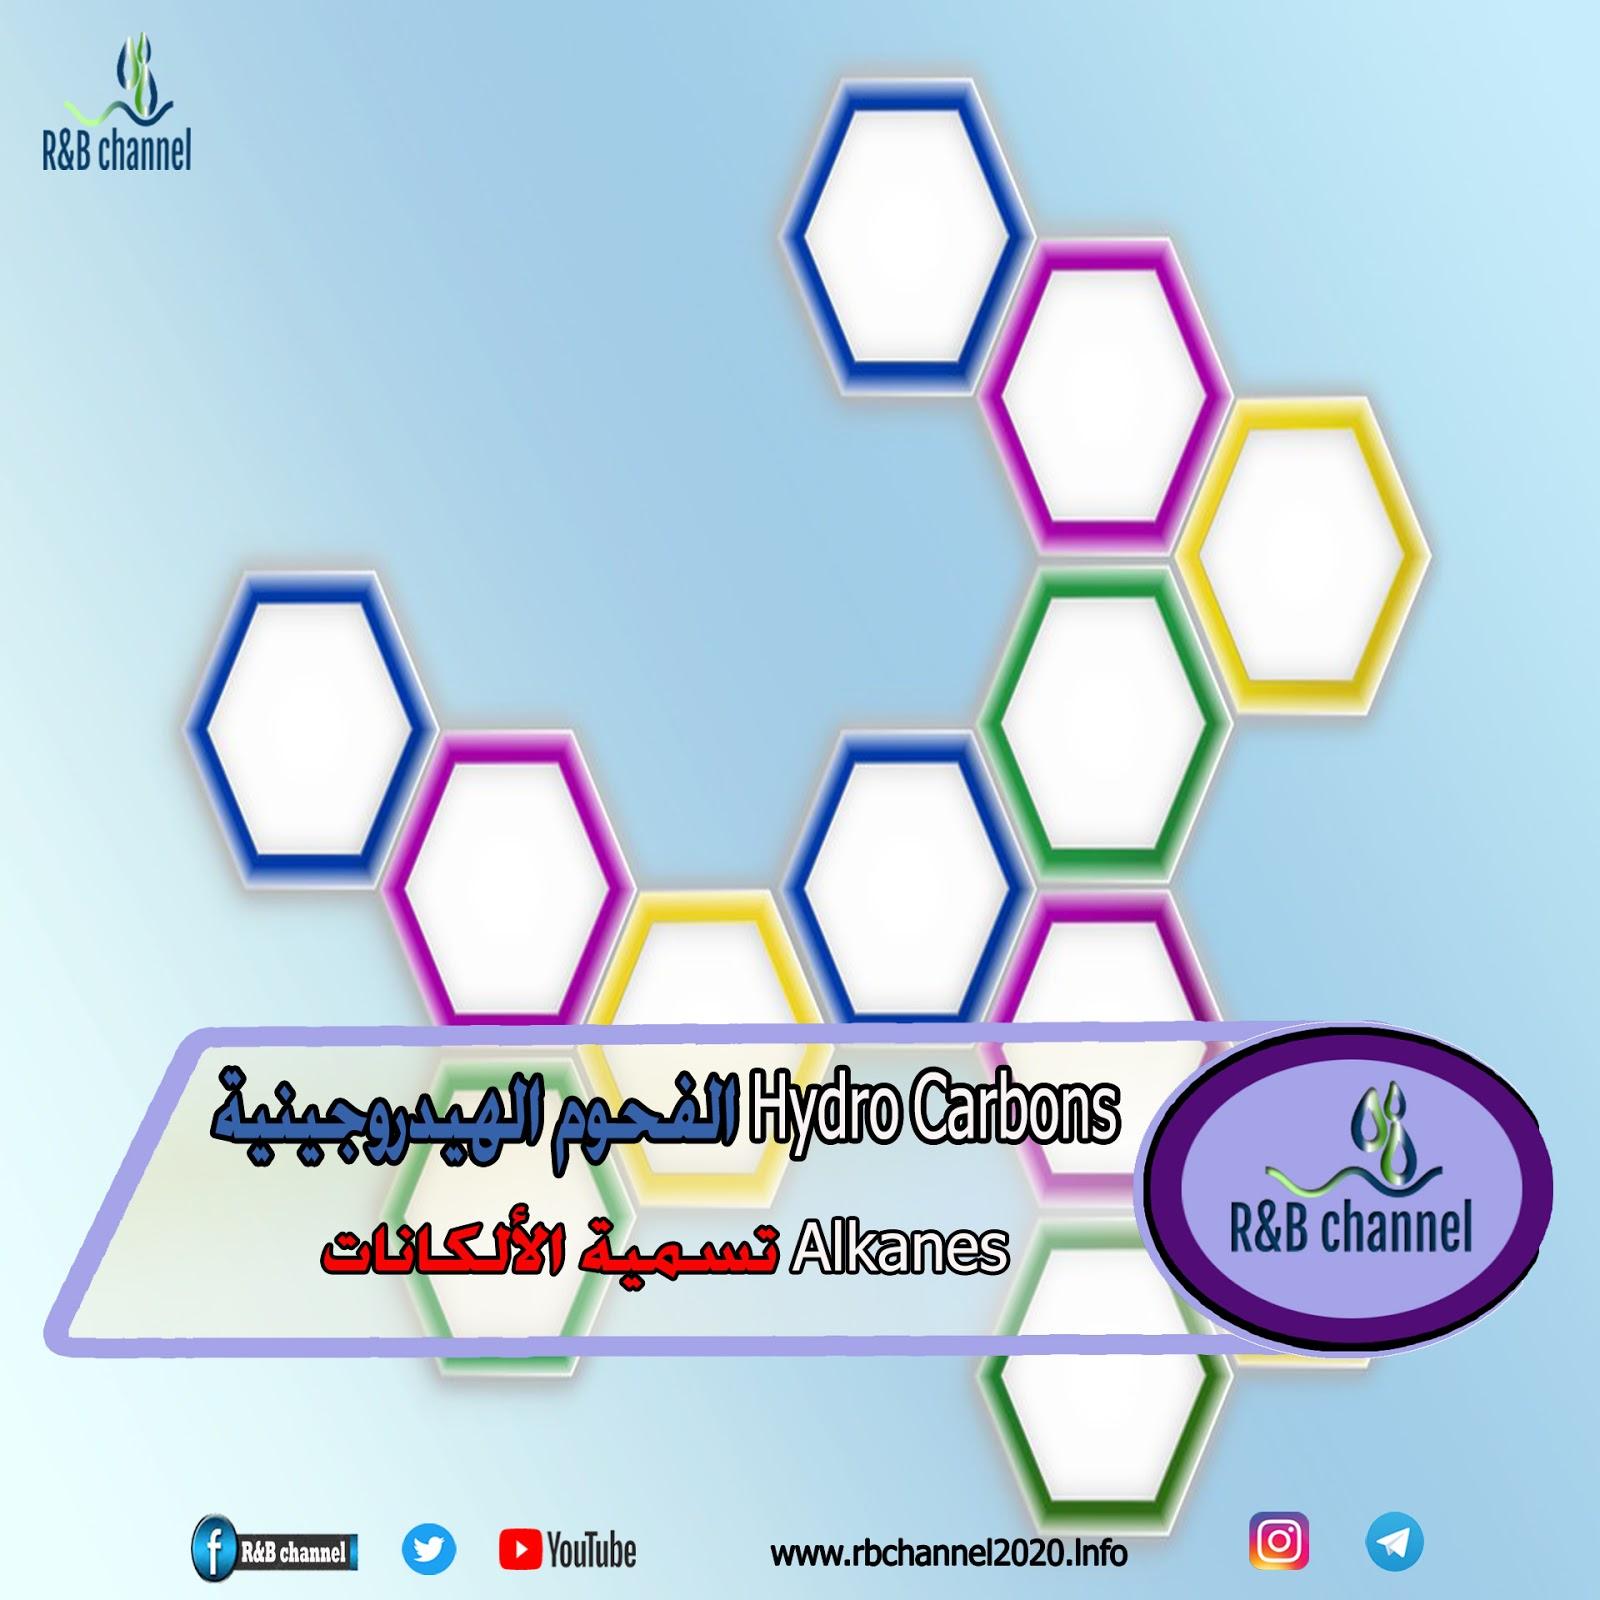 الفحوم الهيدروجينية Hydro Carbons تسمية الألكانات Alkanes